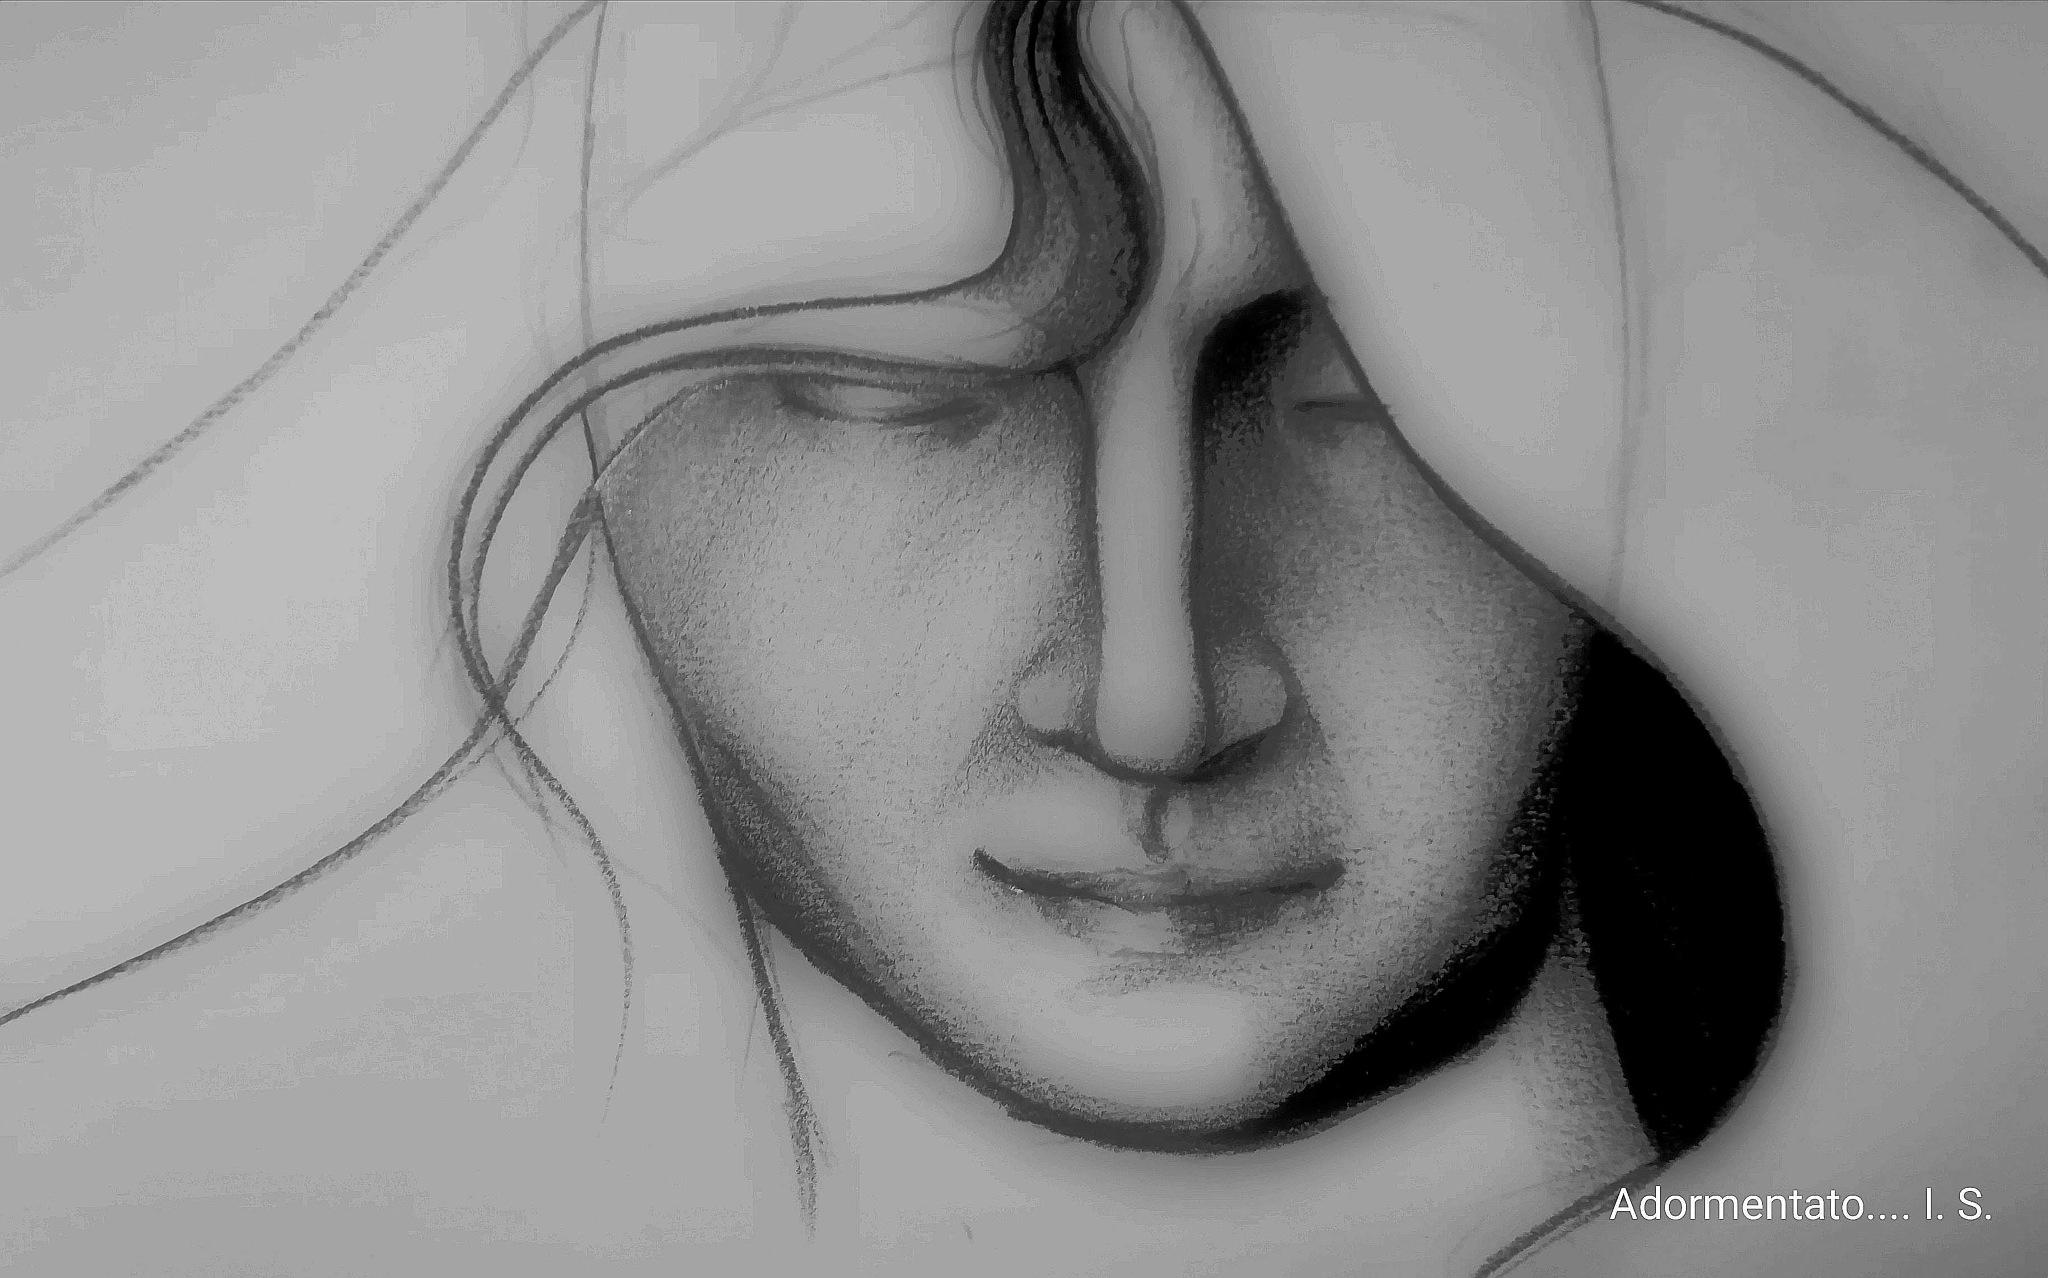 Adormentato by IvanaSkroza